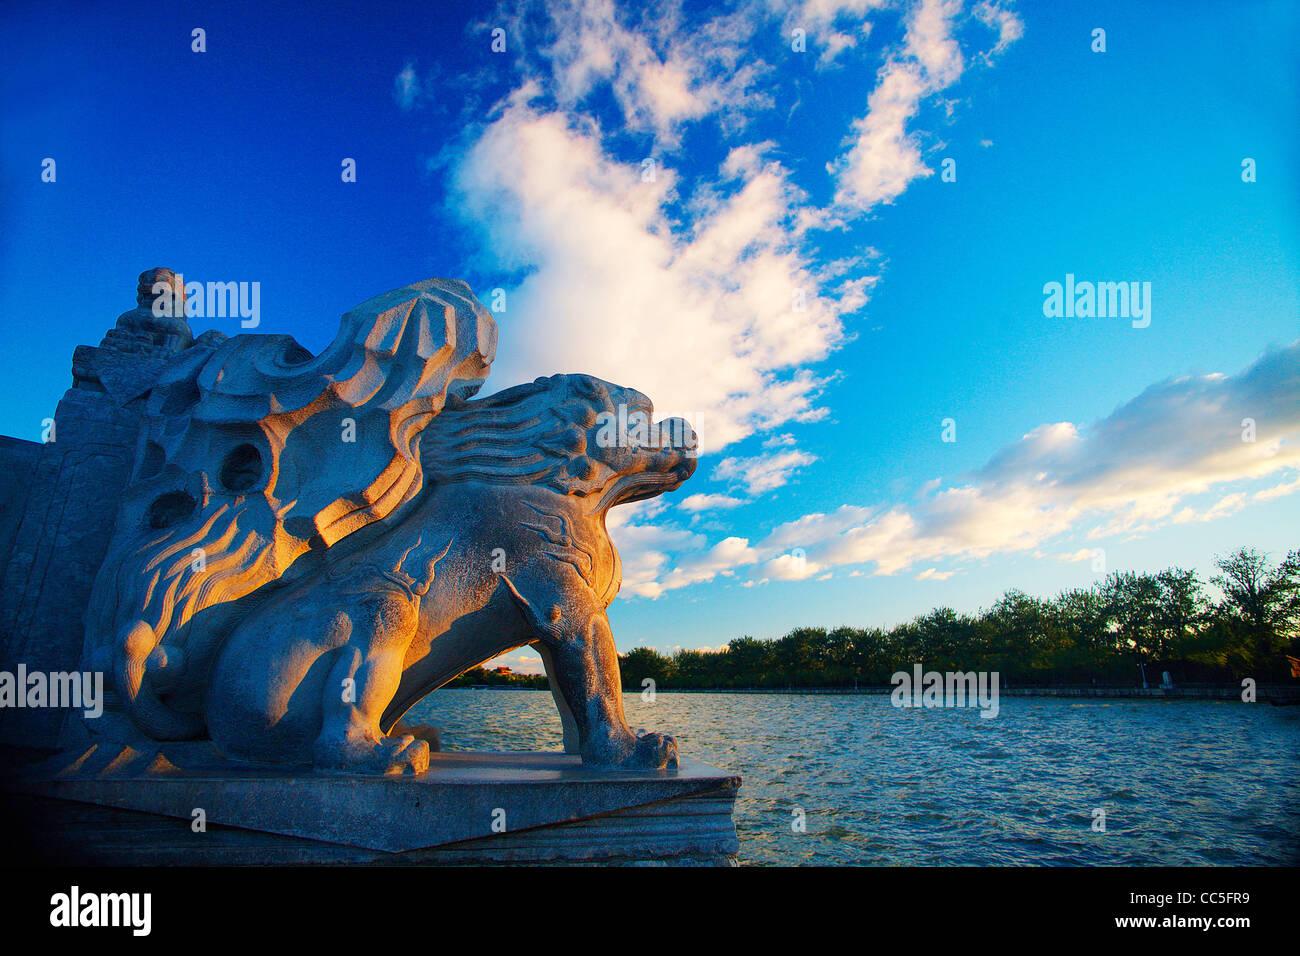 Sculpture de Pierre sur le Seventeen-Arch Qilin Bridge, Summer Palace, Beijing, Chine Photo Stock